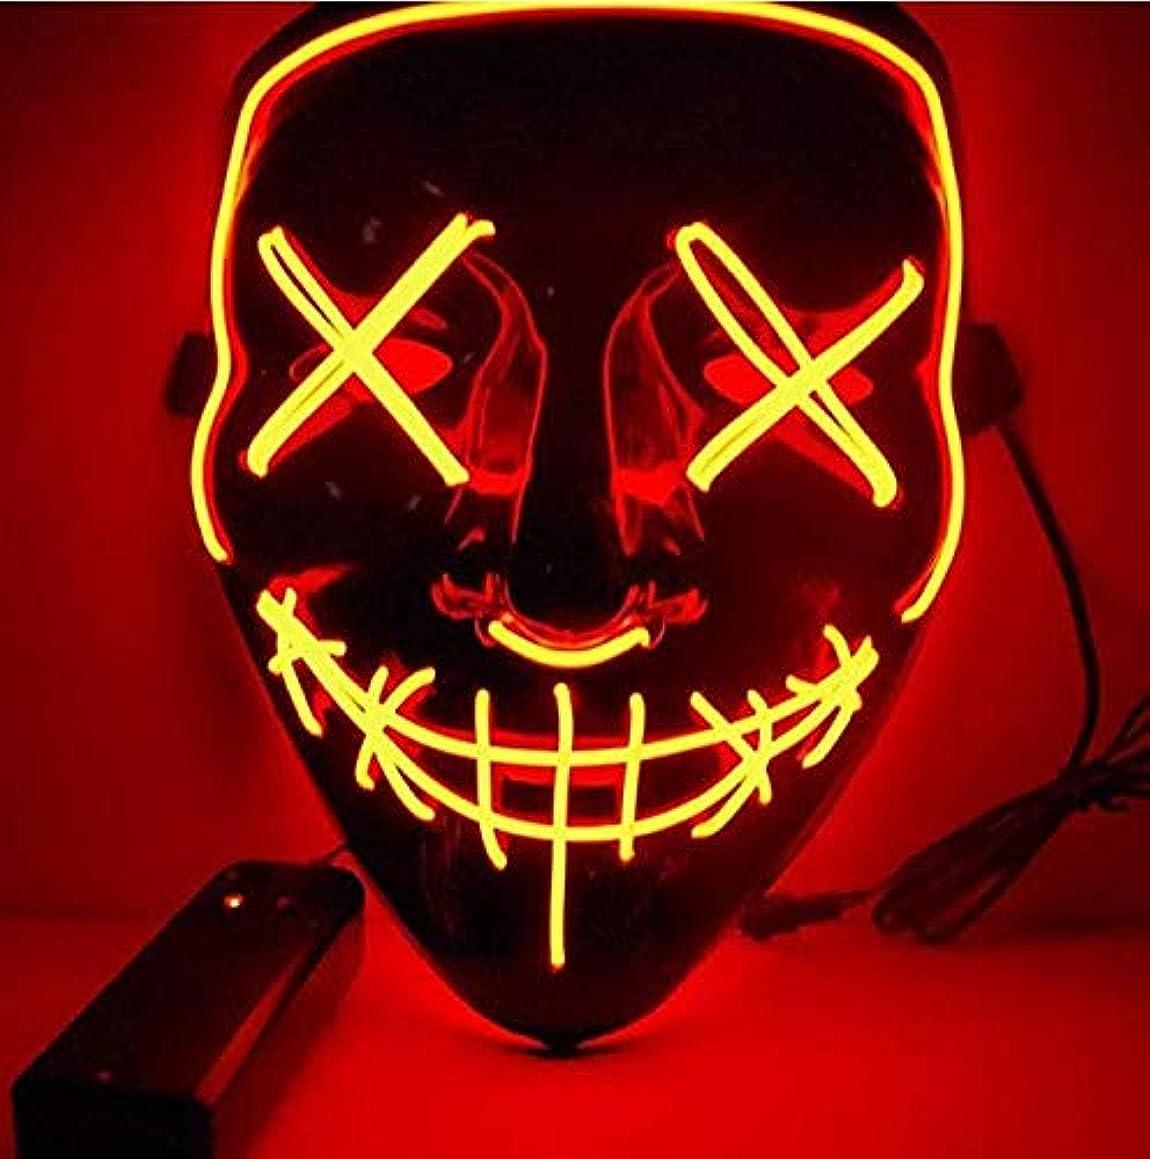 失業者プラグバレエハロウィンマスクLEDライトアップパーティーマスクコスプレコスチュームサプライ暗闇で光る (Color : PURPLE)